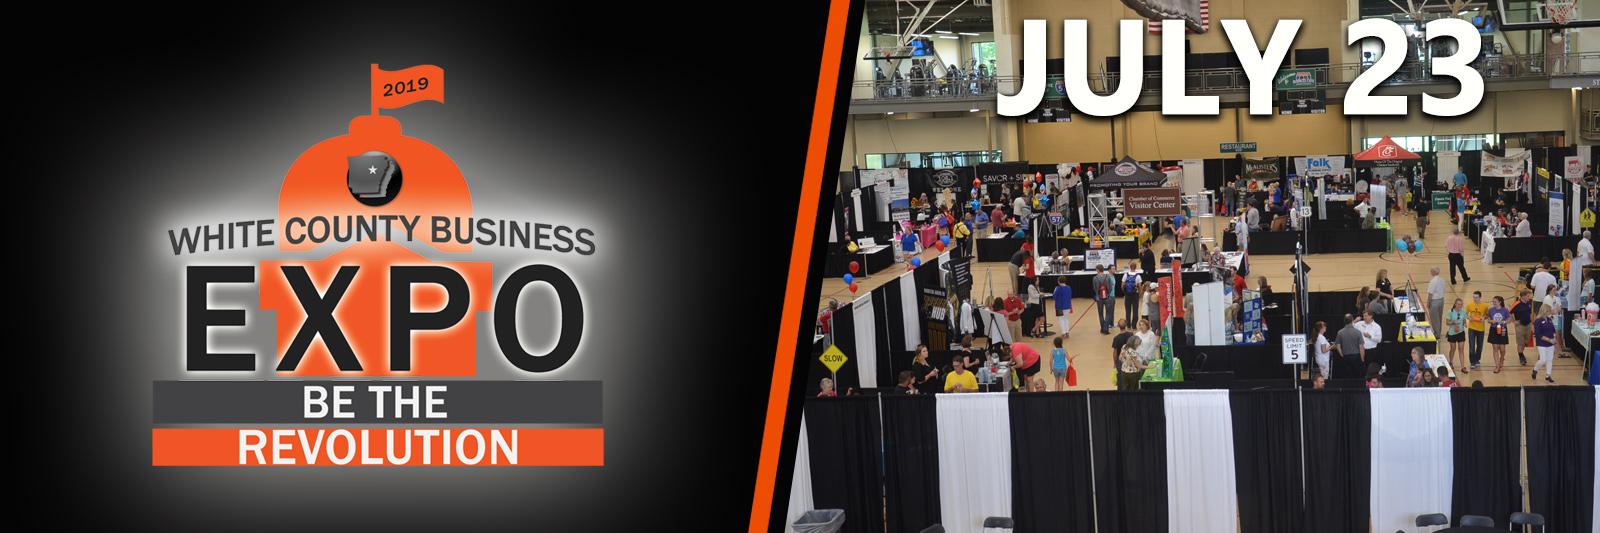 Business-EXPO-rotating-Banner-4.jpg